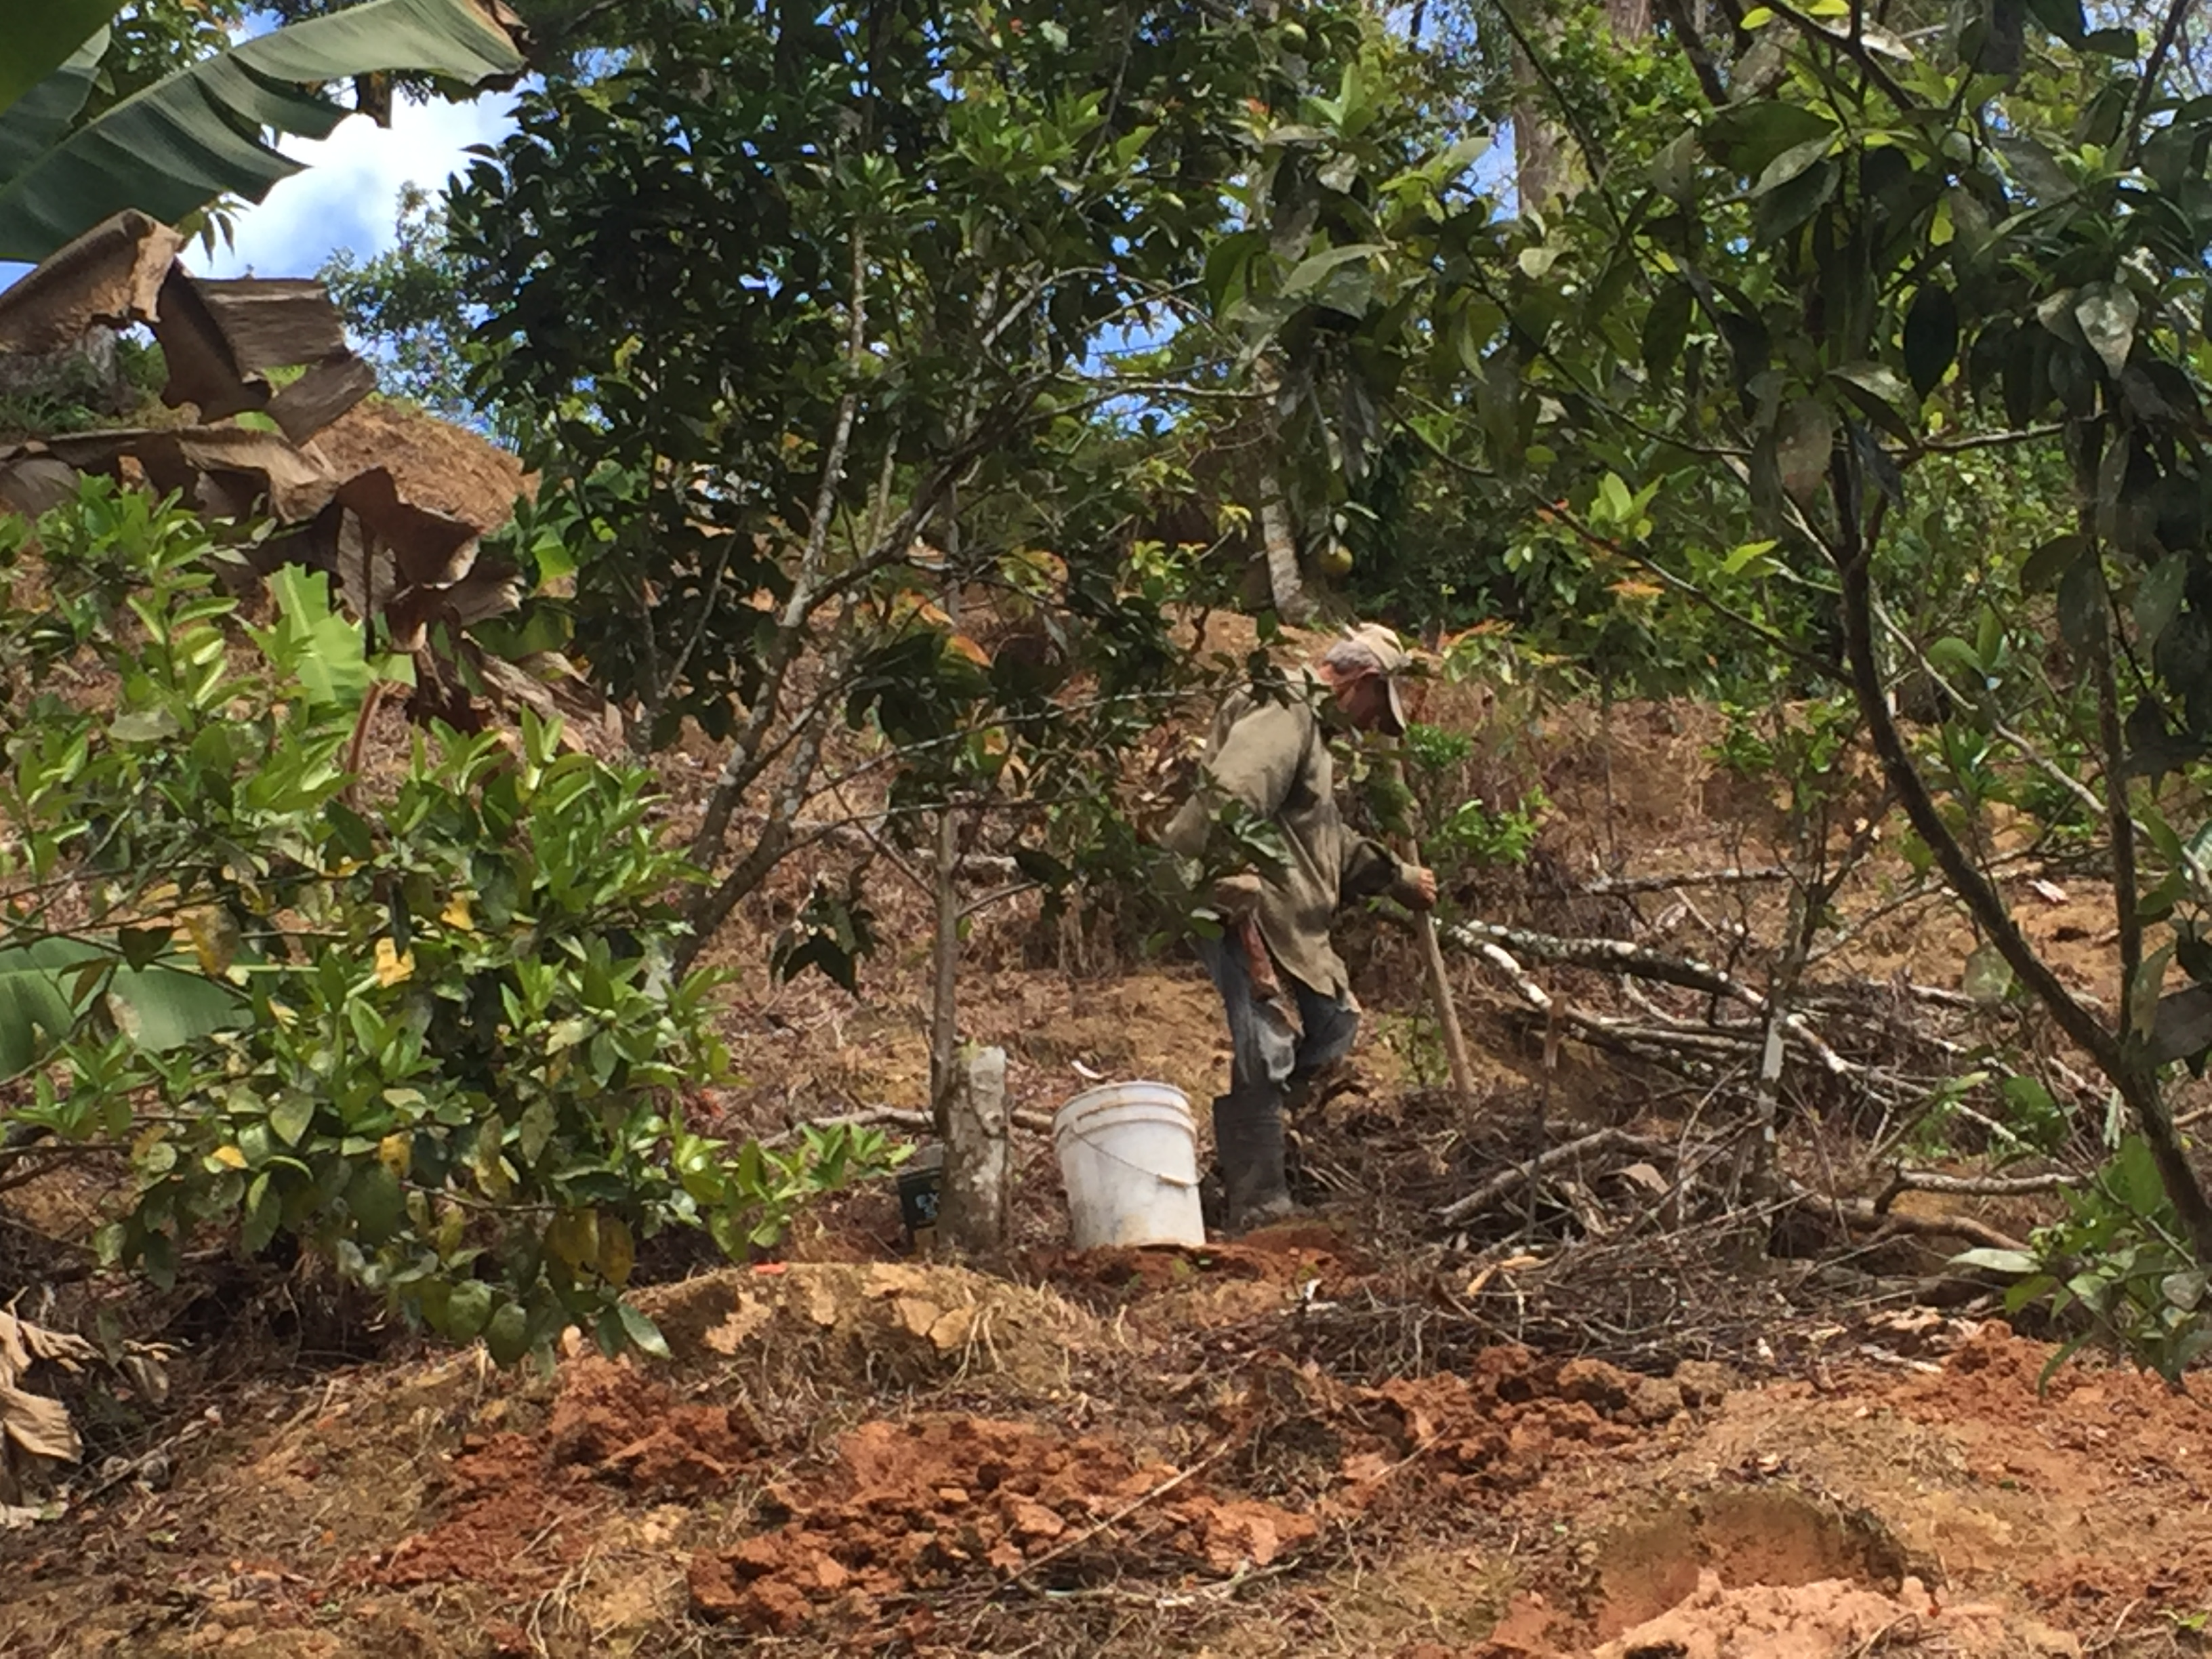 Don Julio, un agricultor de 75 años, está limpiando escombros y malezas para reiniciar su granja, donde cultivaba café, naranjas, piñas y plátanos antes de que el huracán María aniquilara las cosechas. Crédito de foto: Nardy Baeza Bickel.